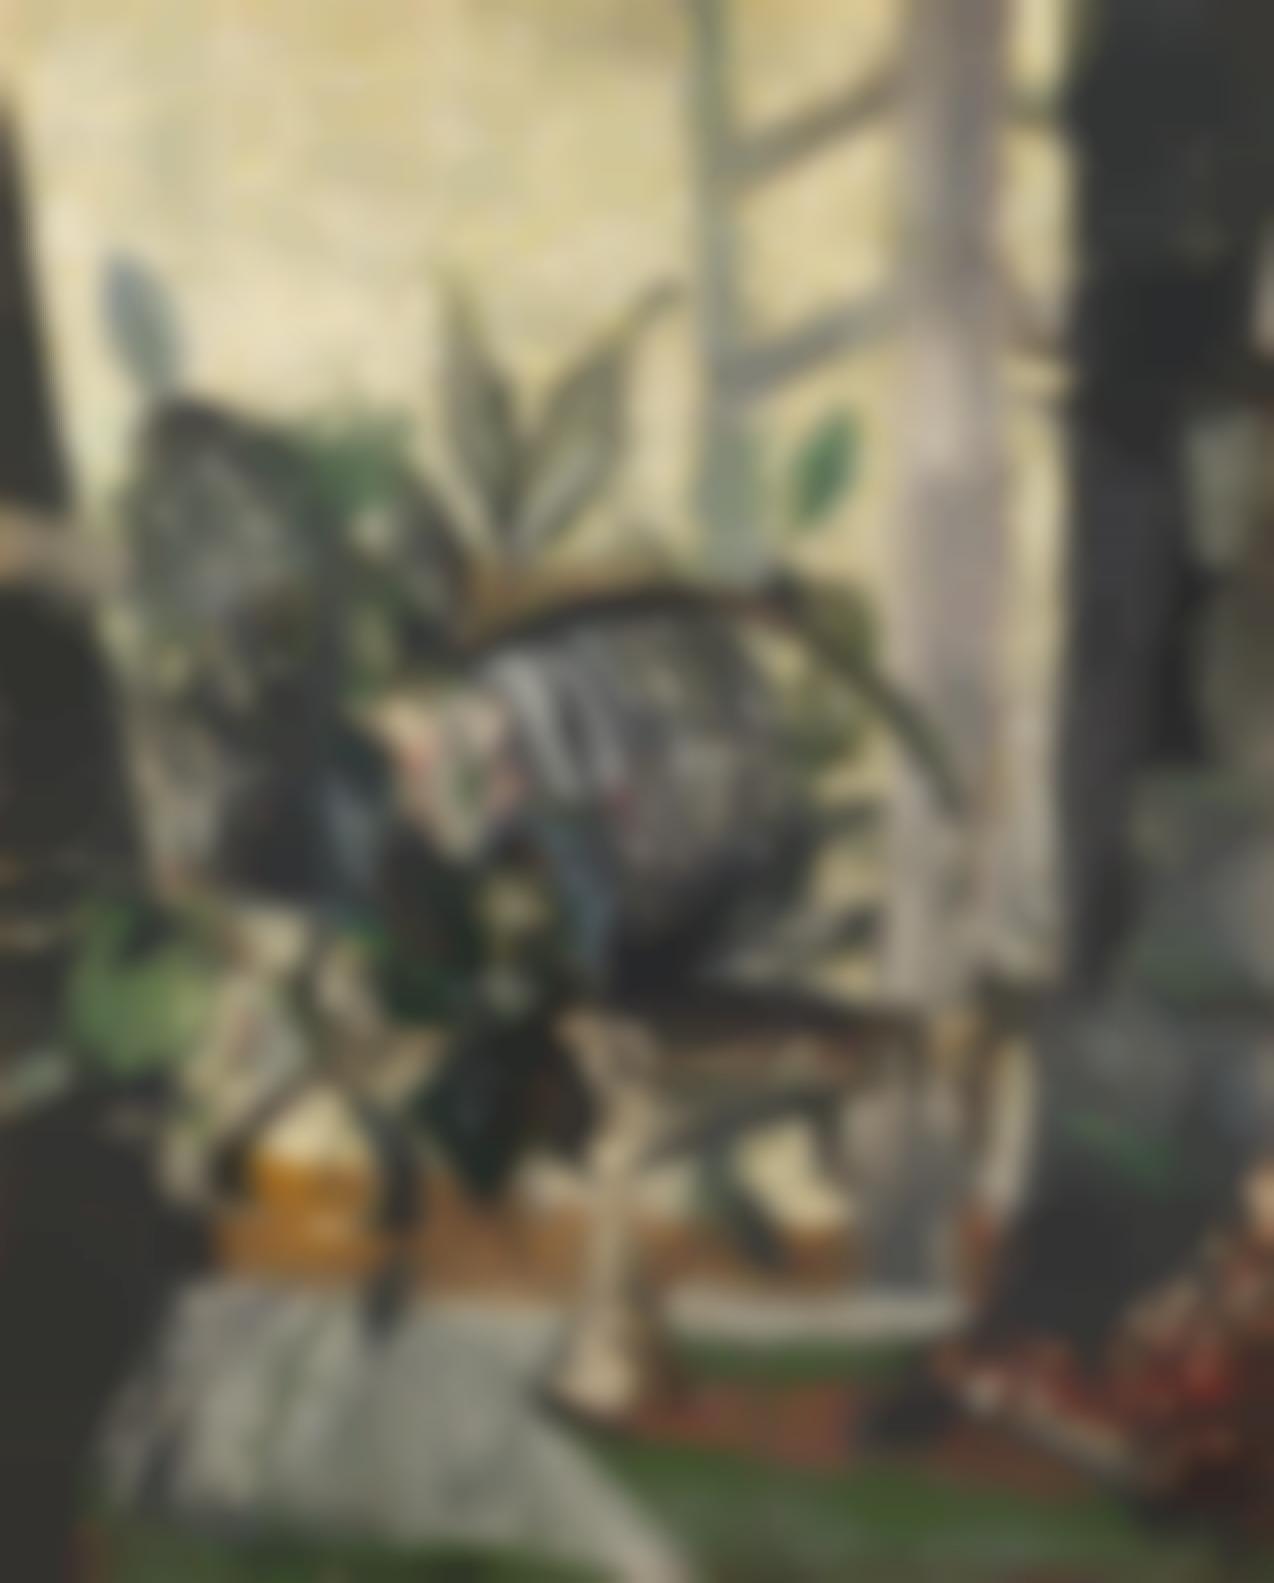 Christo Coetzee-Floral Arrangement Before An Open Window-